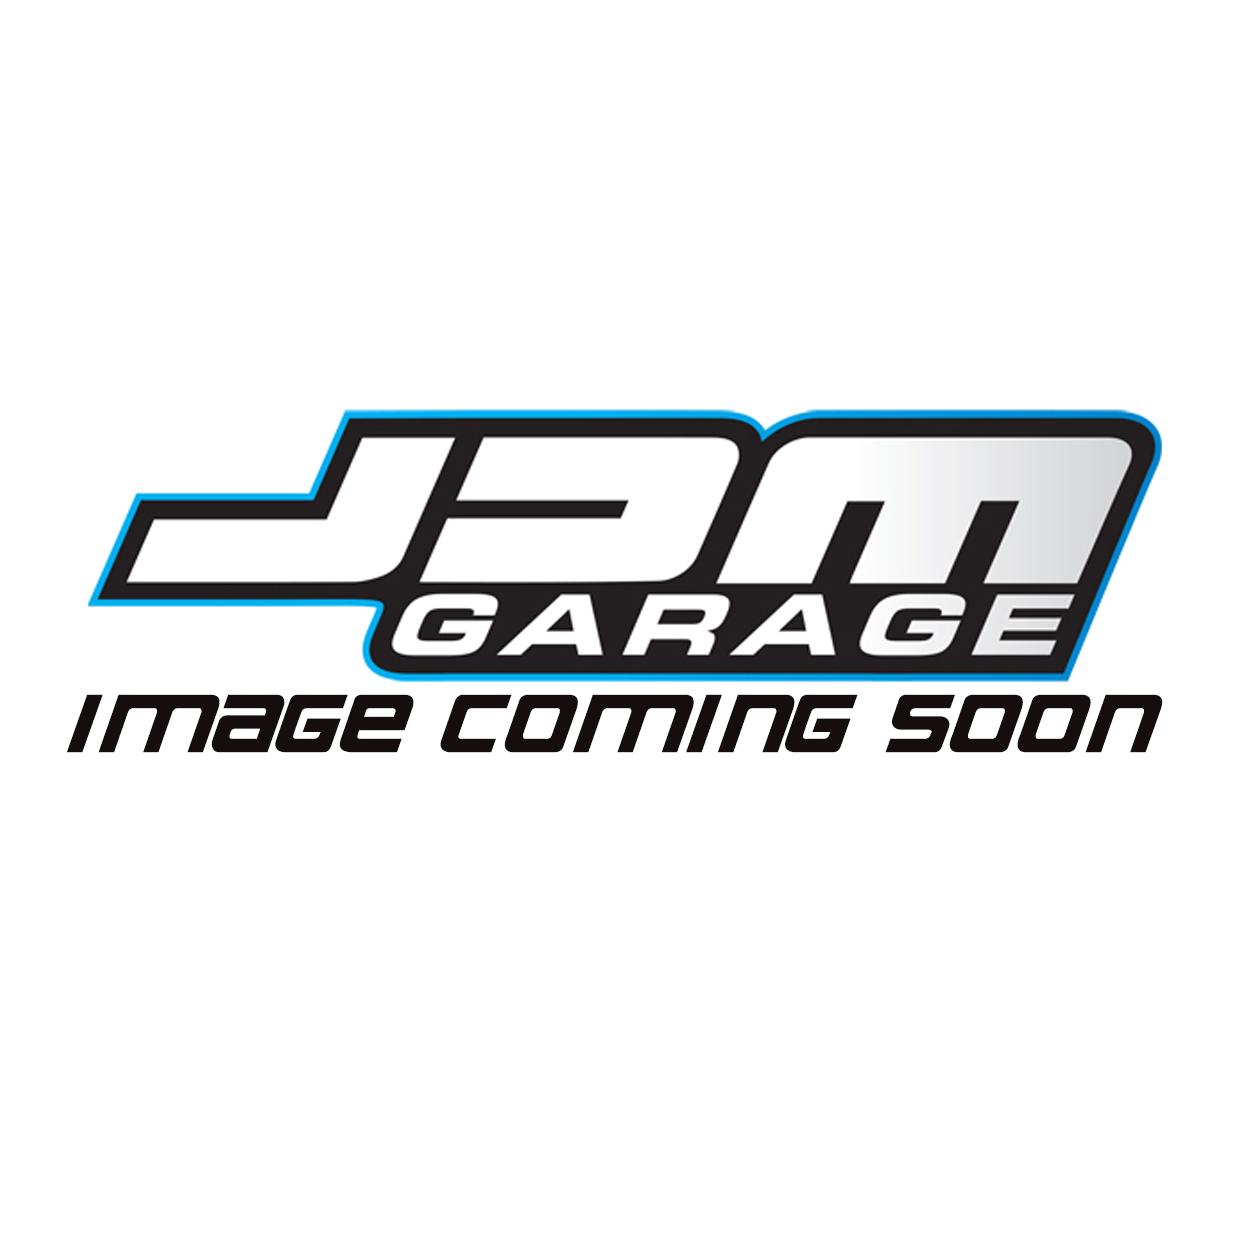 Genuine Nissan RB25DET RB26DETT Upper Shift Lever Snap Ring For Skyline R32 R33 GTST R34 GTT GTR / Stagea WC34 32204-V5004